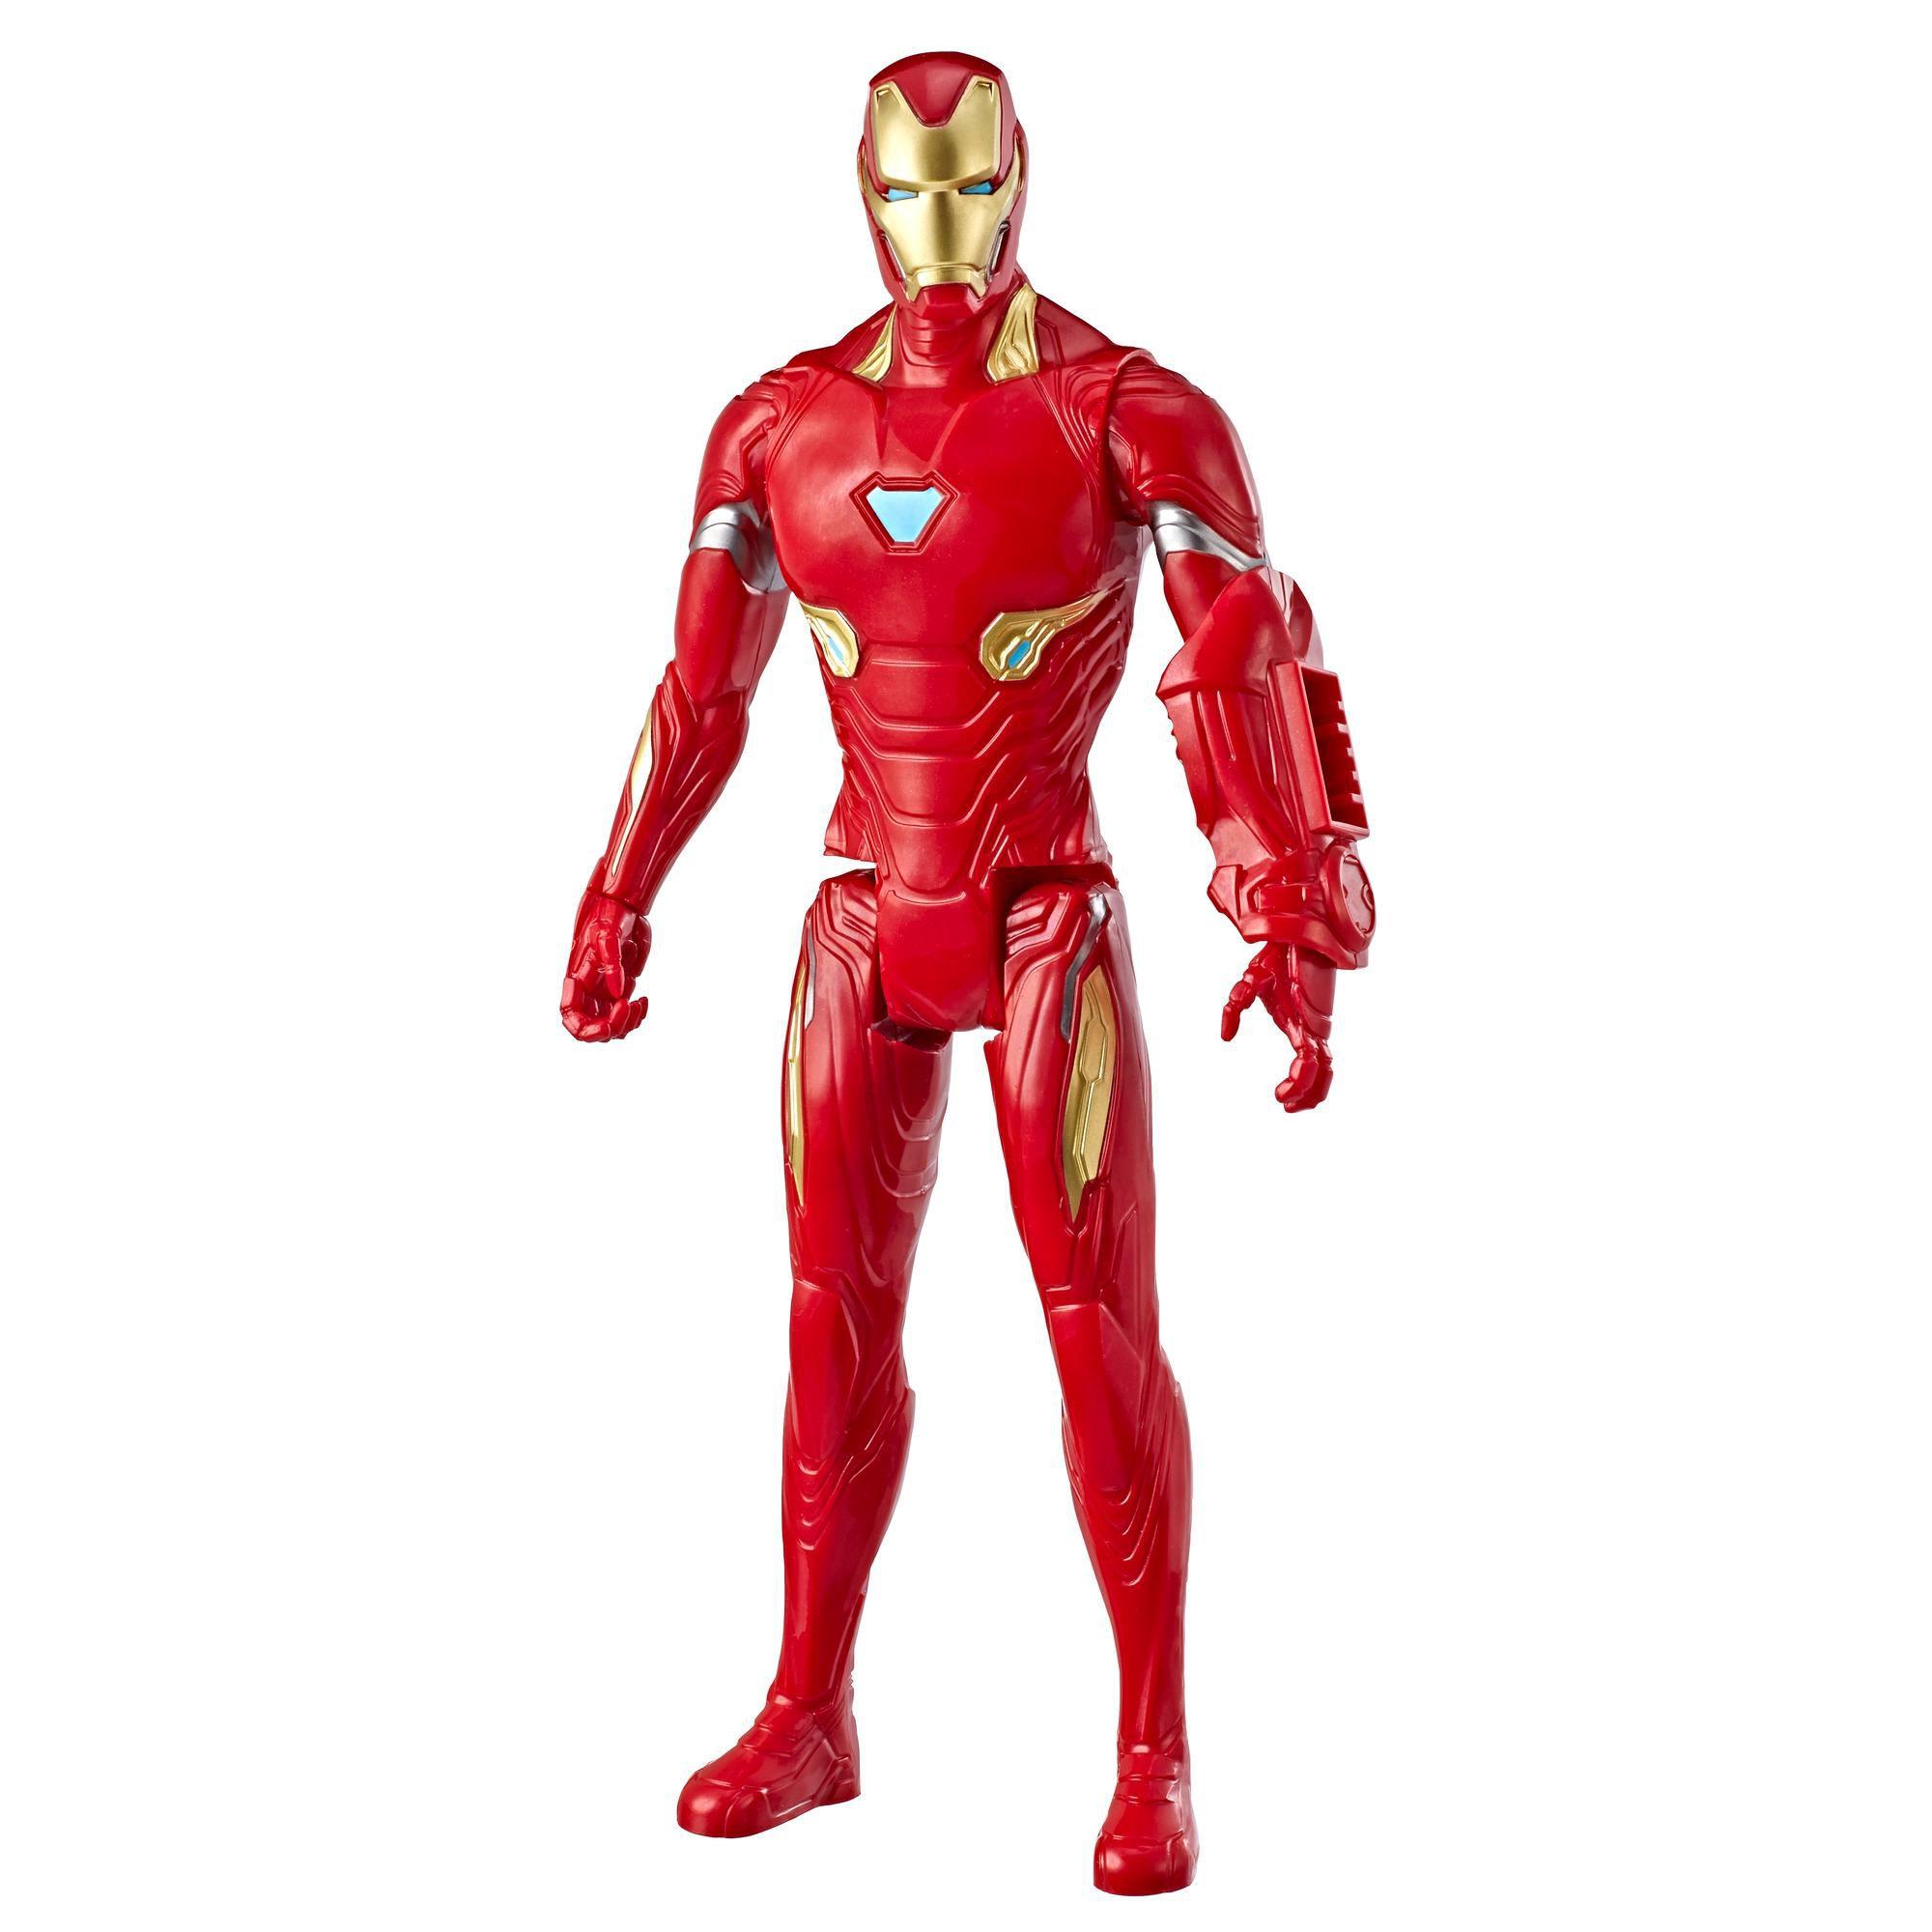 Boneco Titan Homem de Ferro E3918 - Hasbro